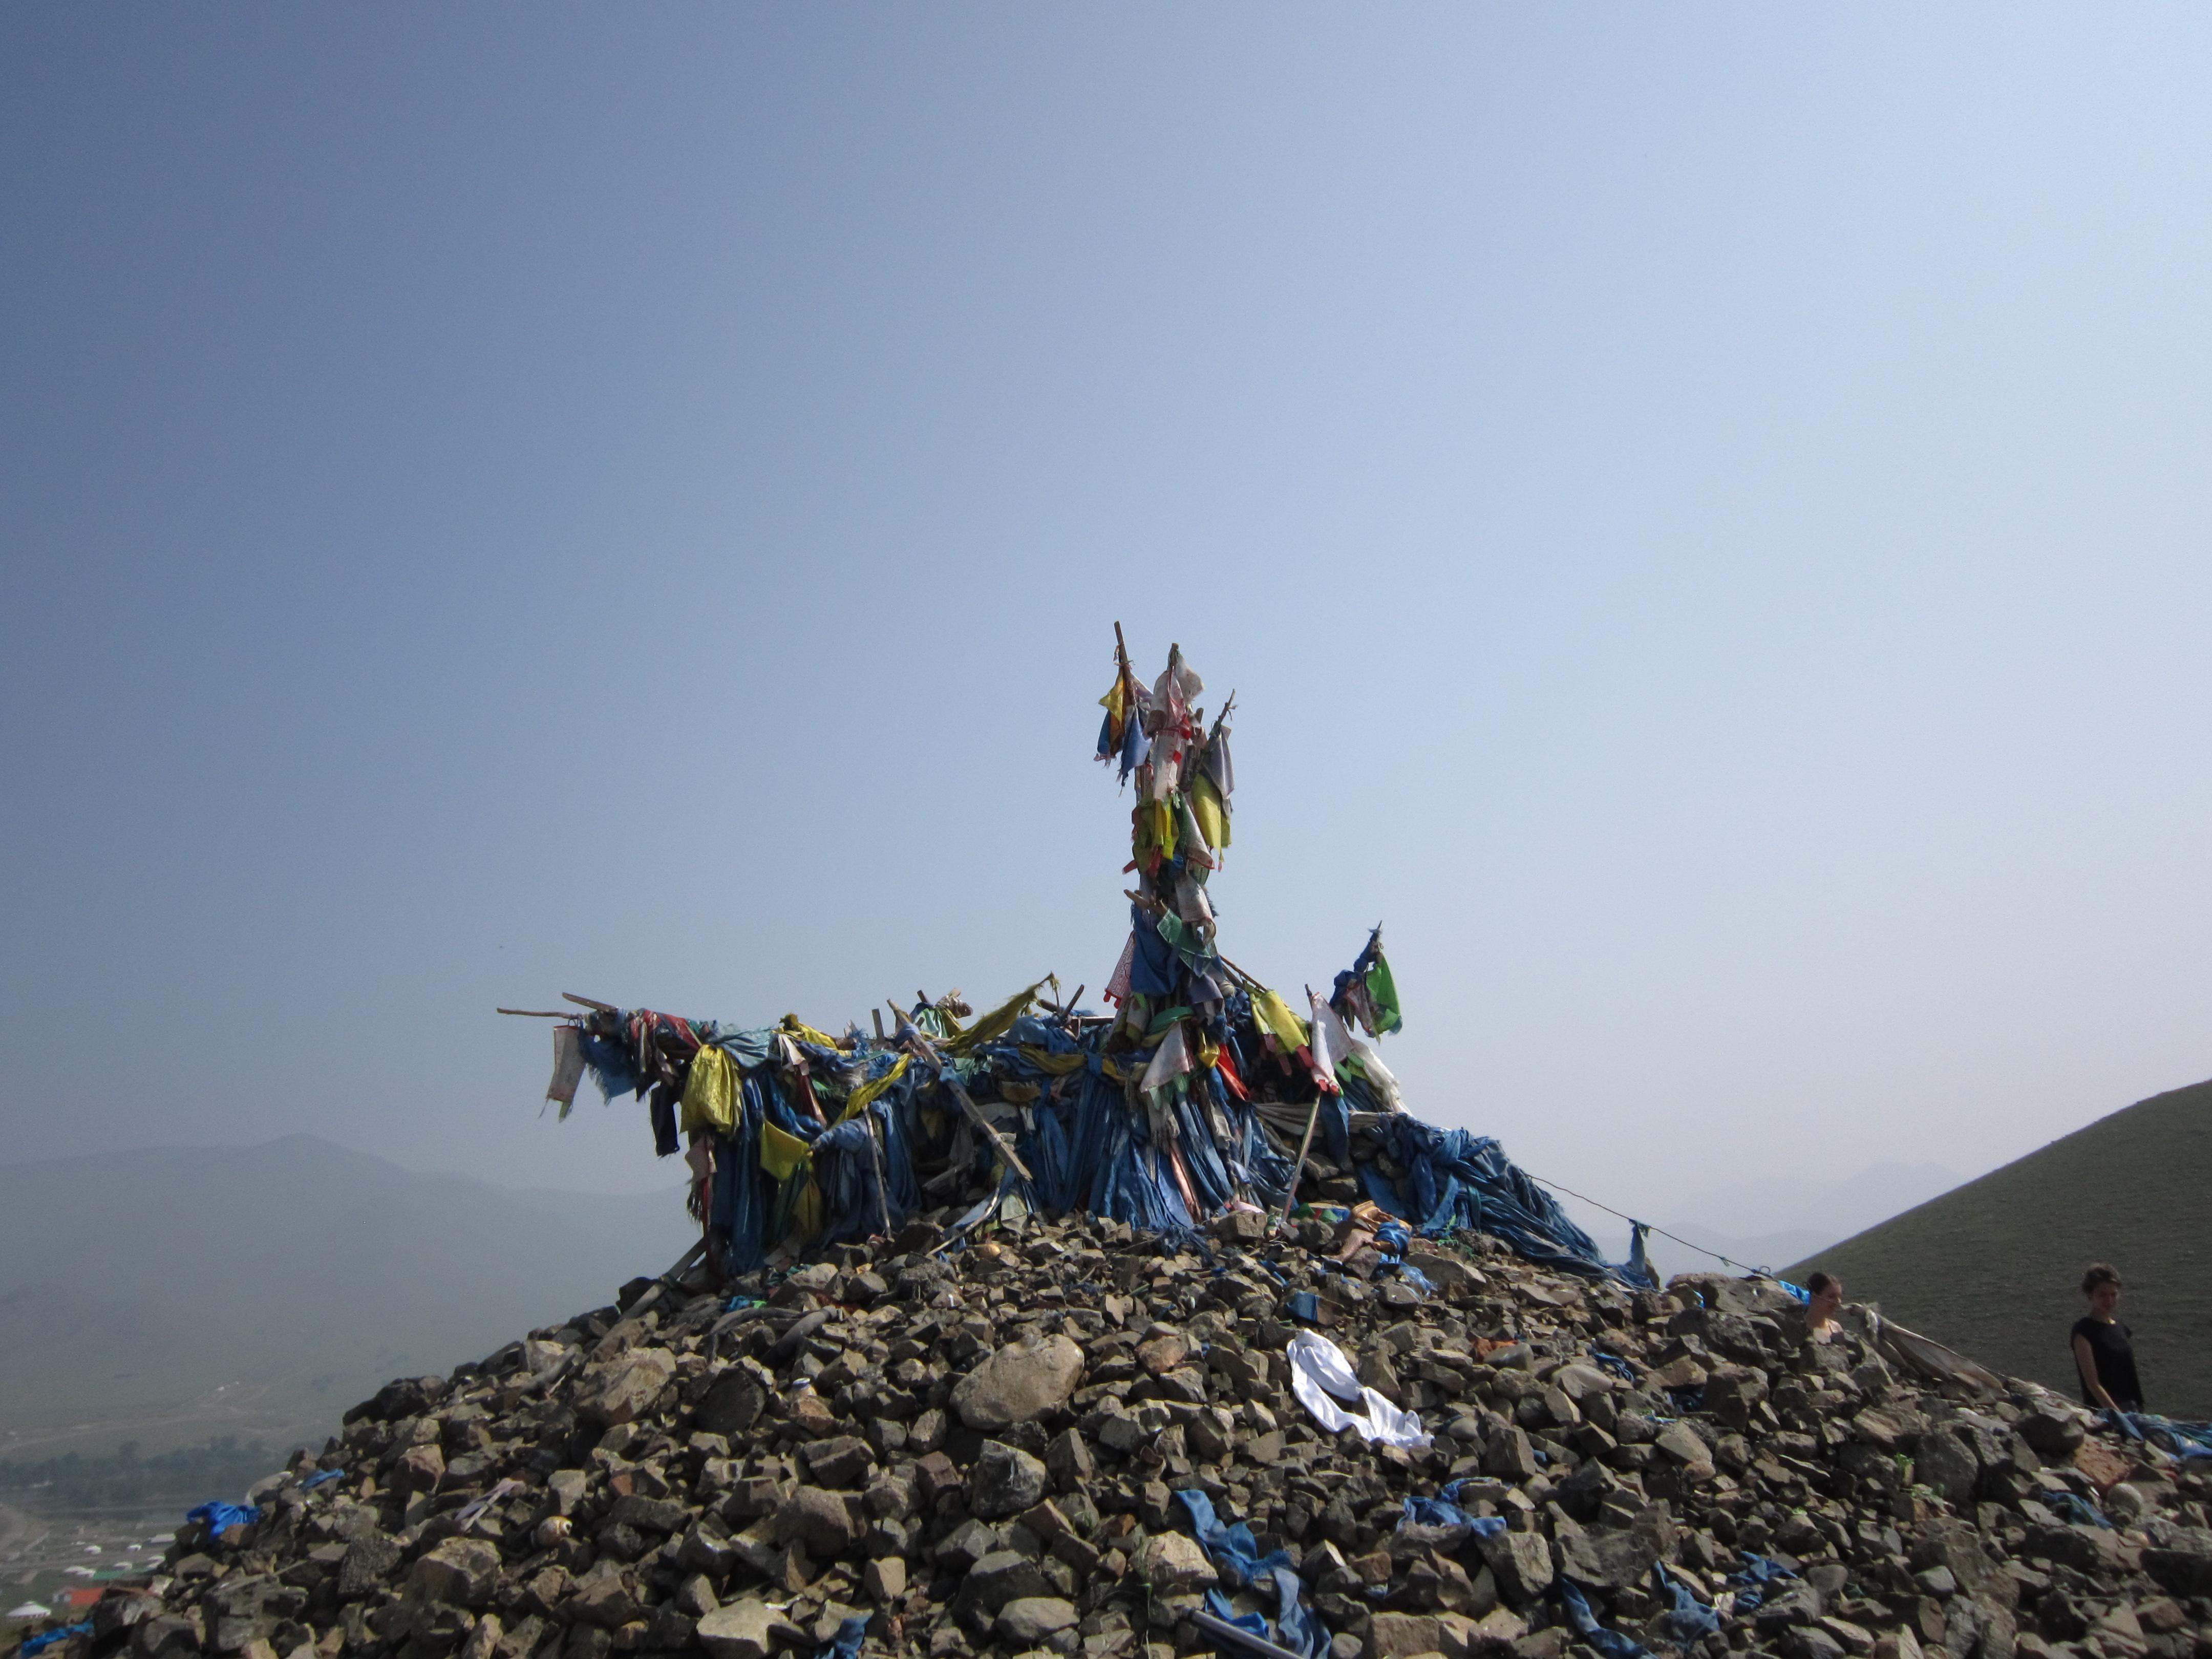 sjamanisme mongolië ovoo religie offer rondreis ulaanbataar cultuur bijgeloof